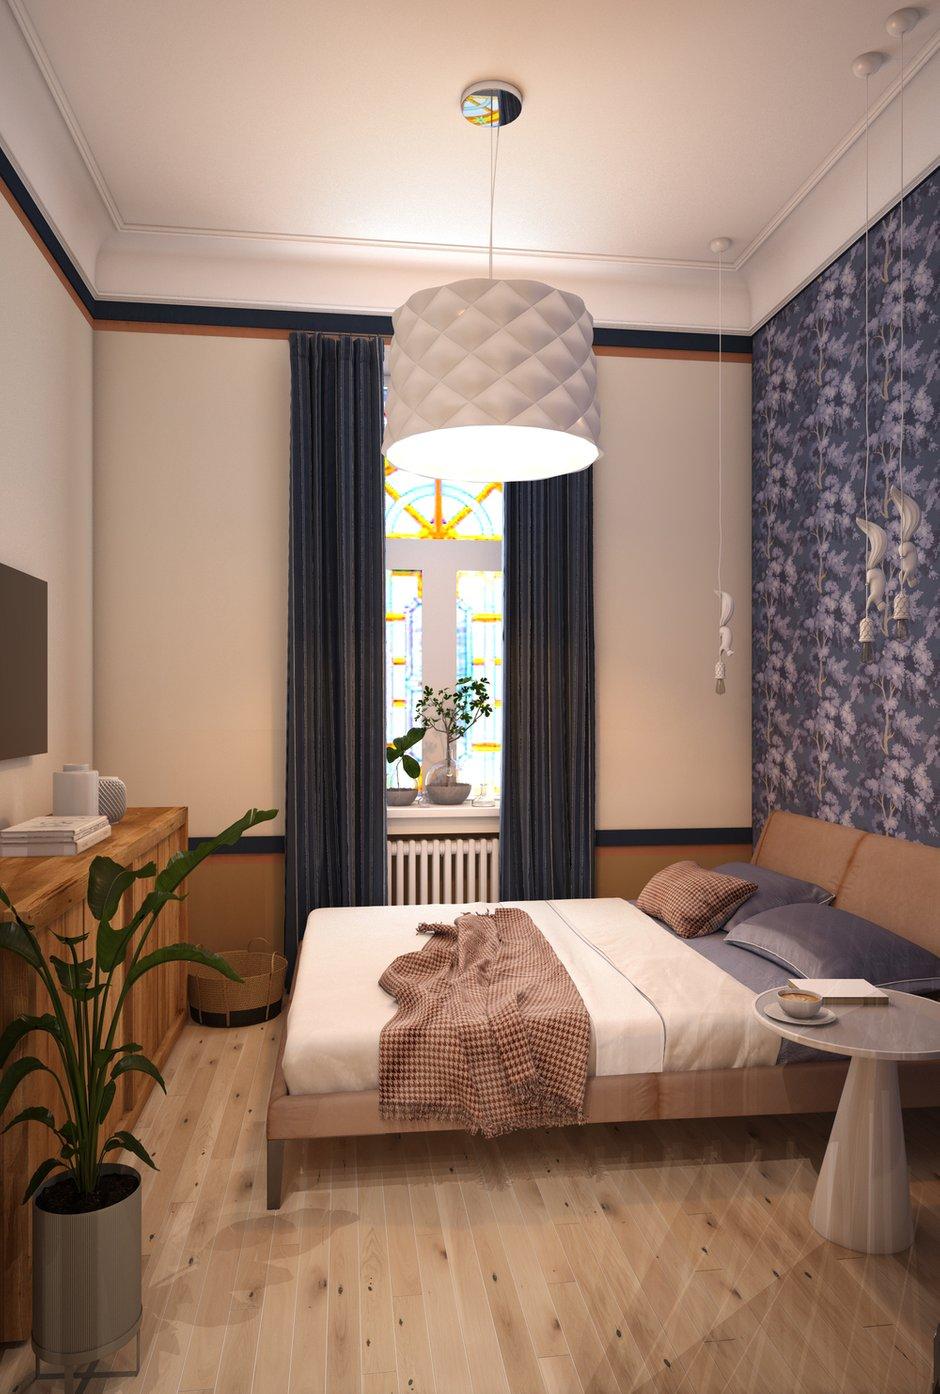 Фотография: Спальня в стиле Современный, Эко, Скандинавский, Квартира, Студия, Проект недели, Марина Саркисян, Хельсинки, до 40 метров – фото на INMYROOM